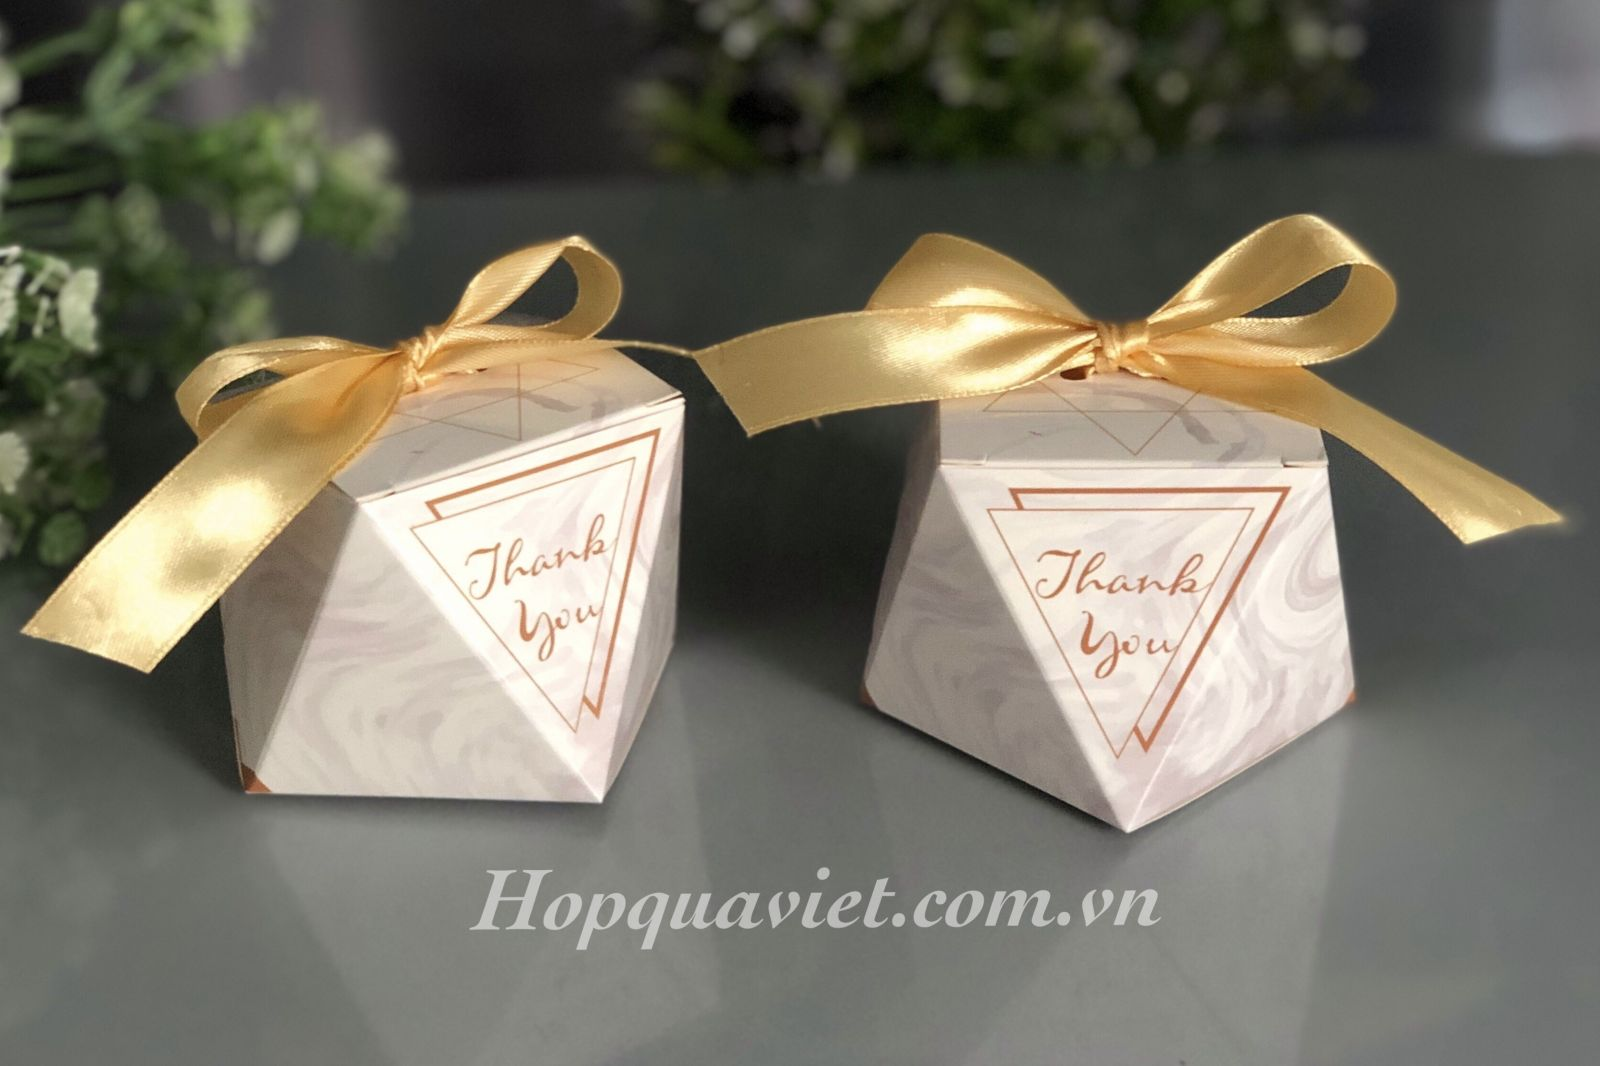 Hộp quà cưới đa giác vân đá T4